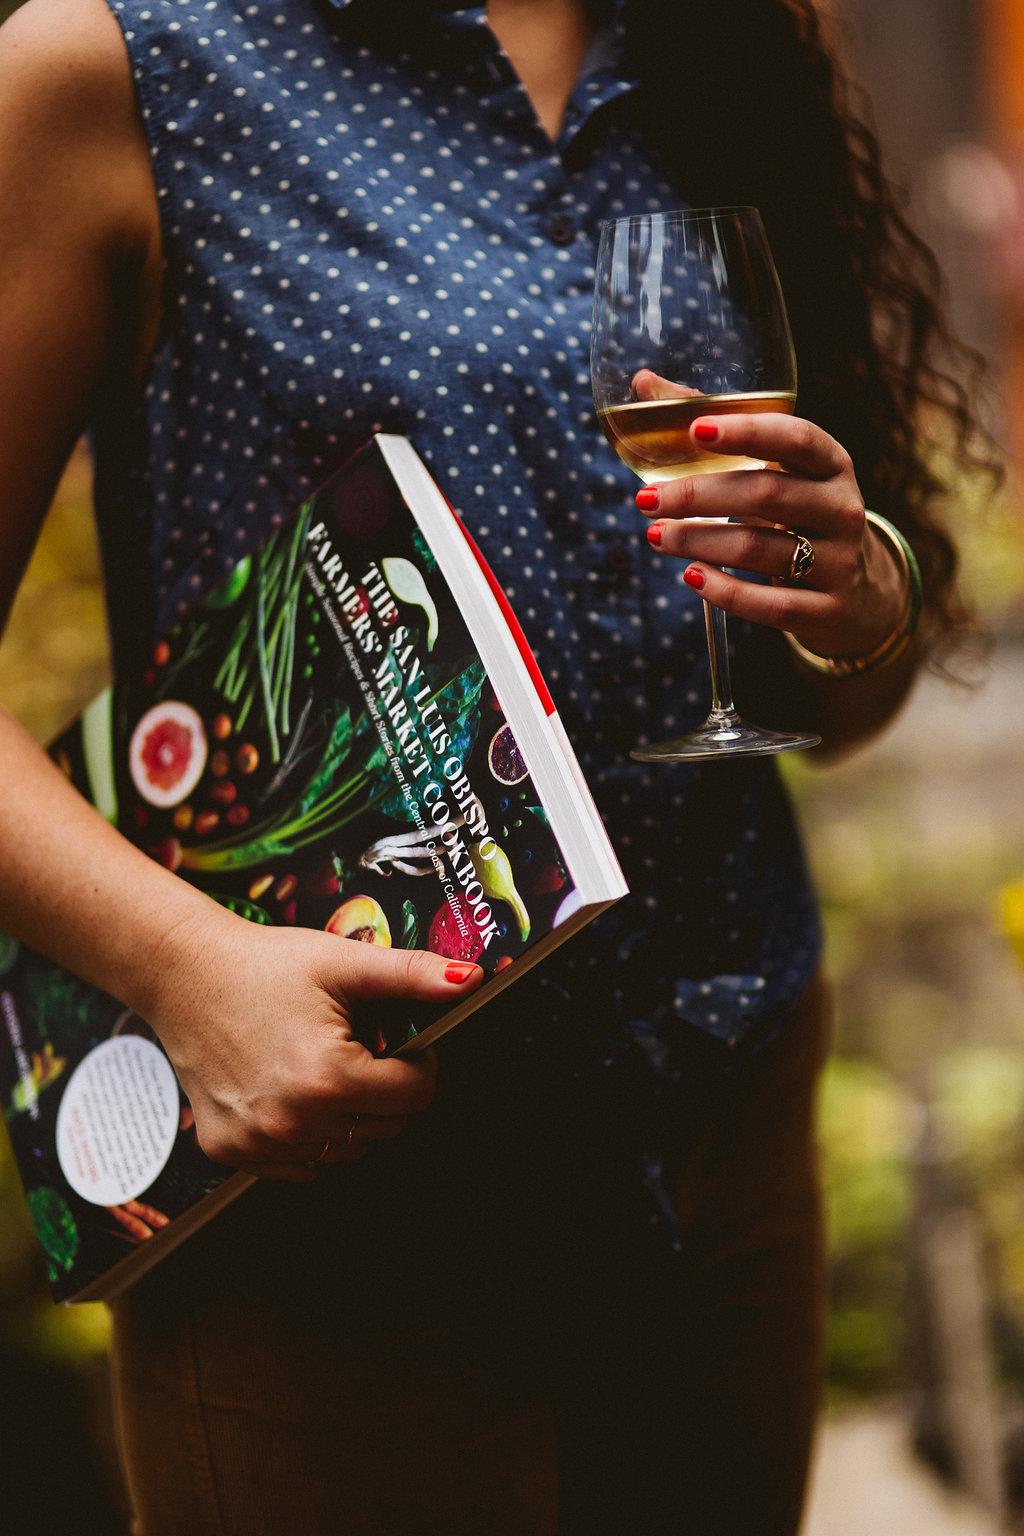 cookbook-and-wine.jpg